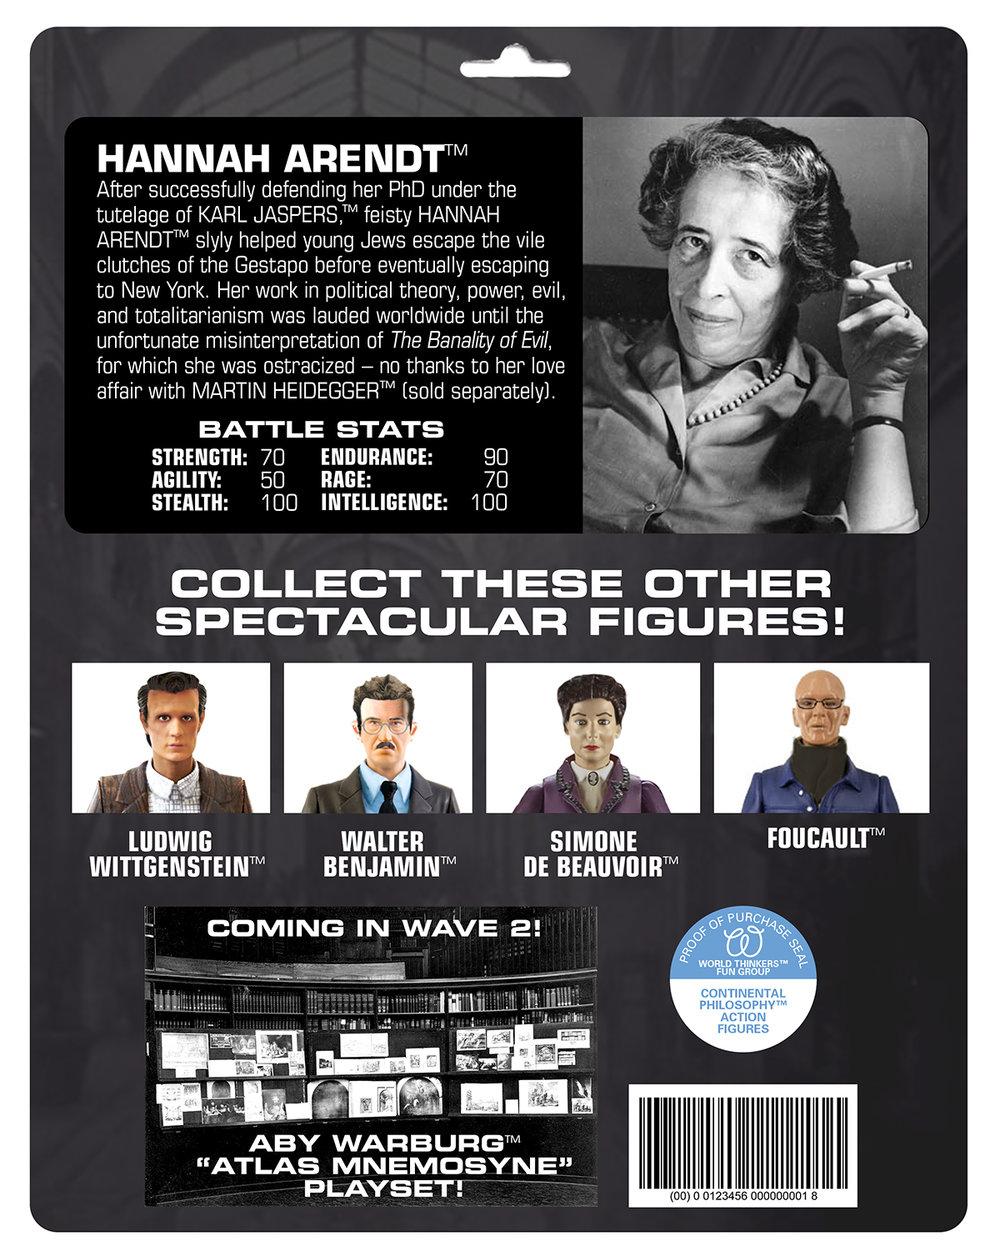 HannahArendt-2.jpg